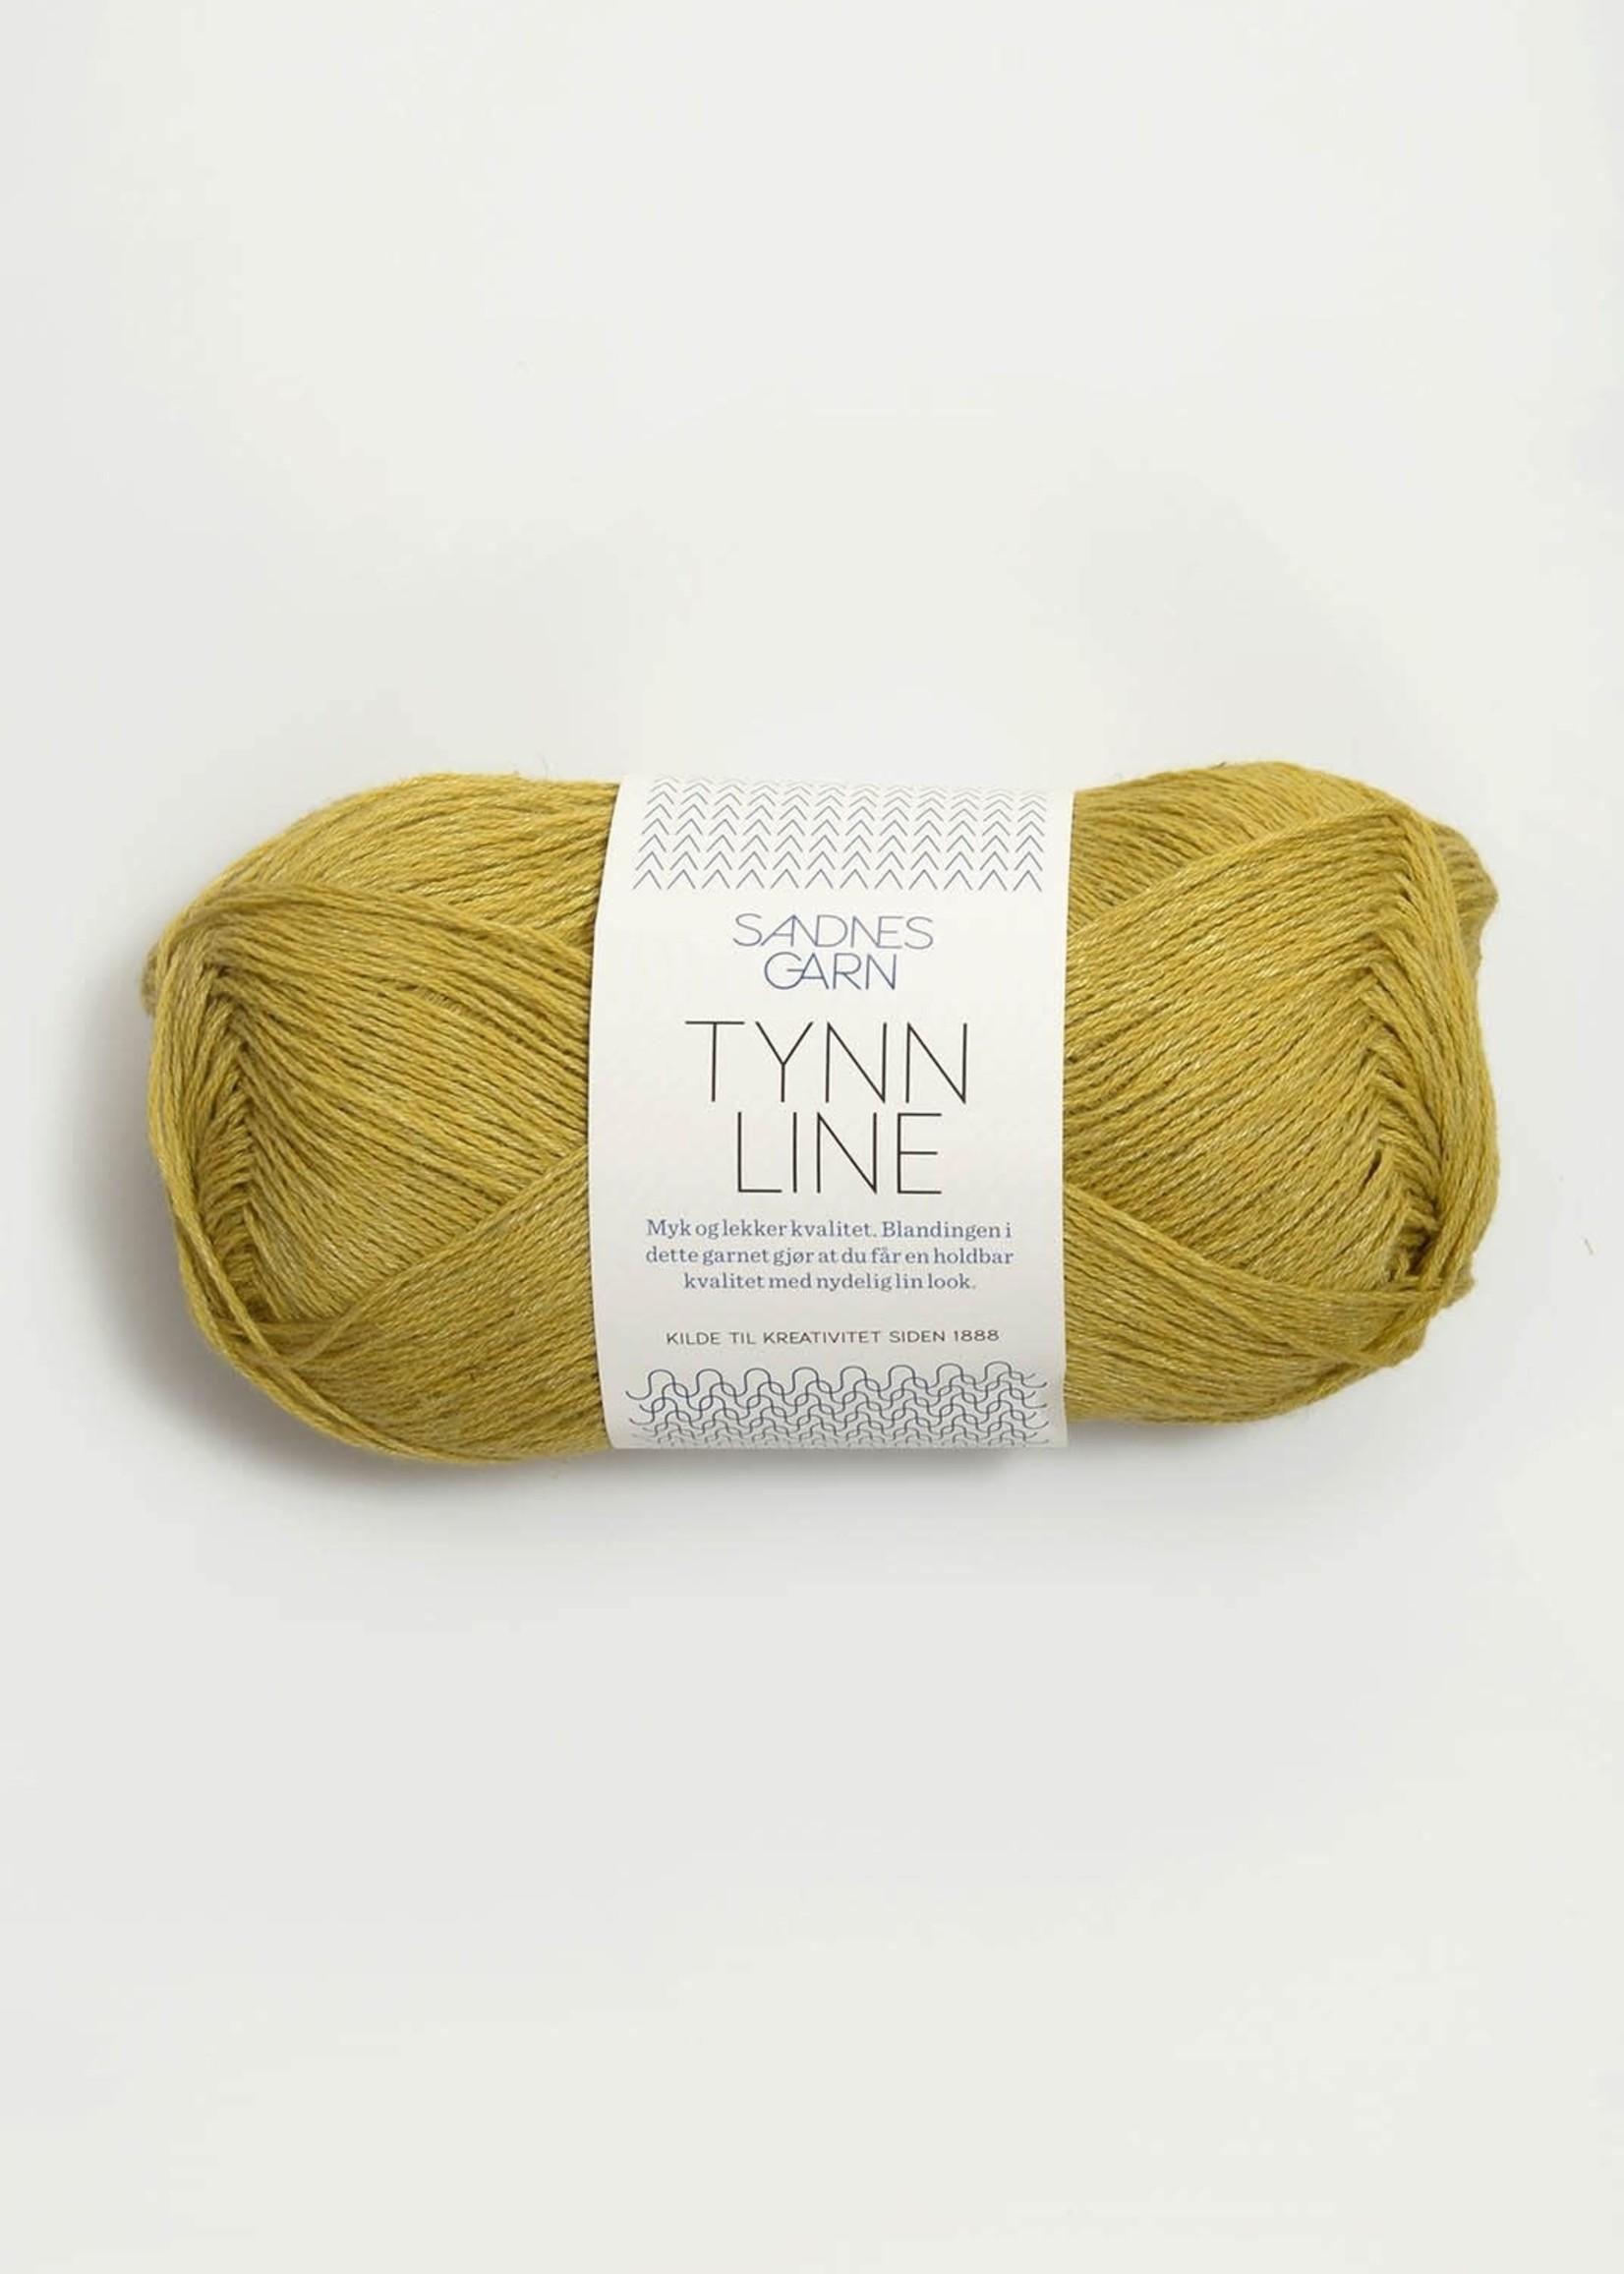 Sandnes Garn Tynn Line - Gulgronn #2024